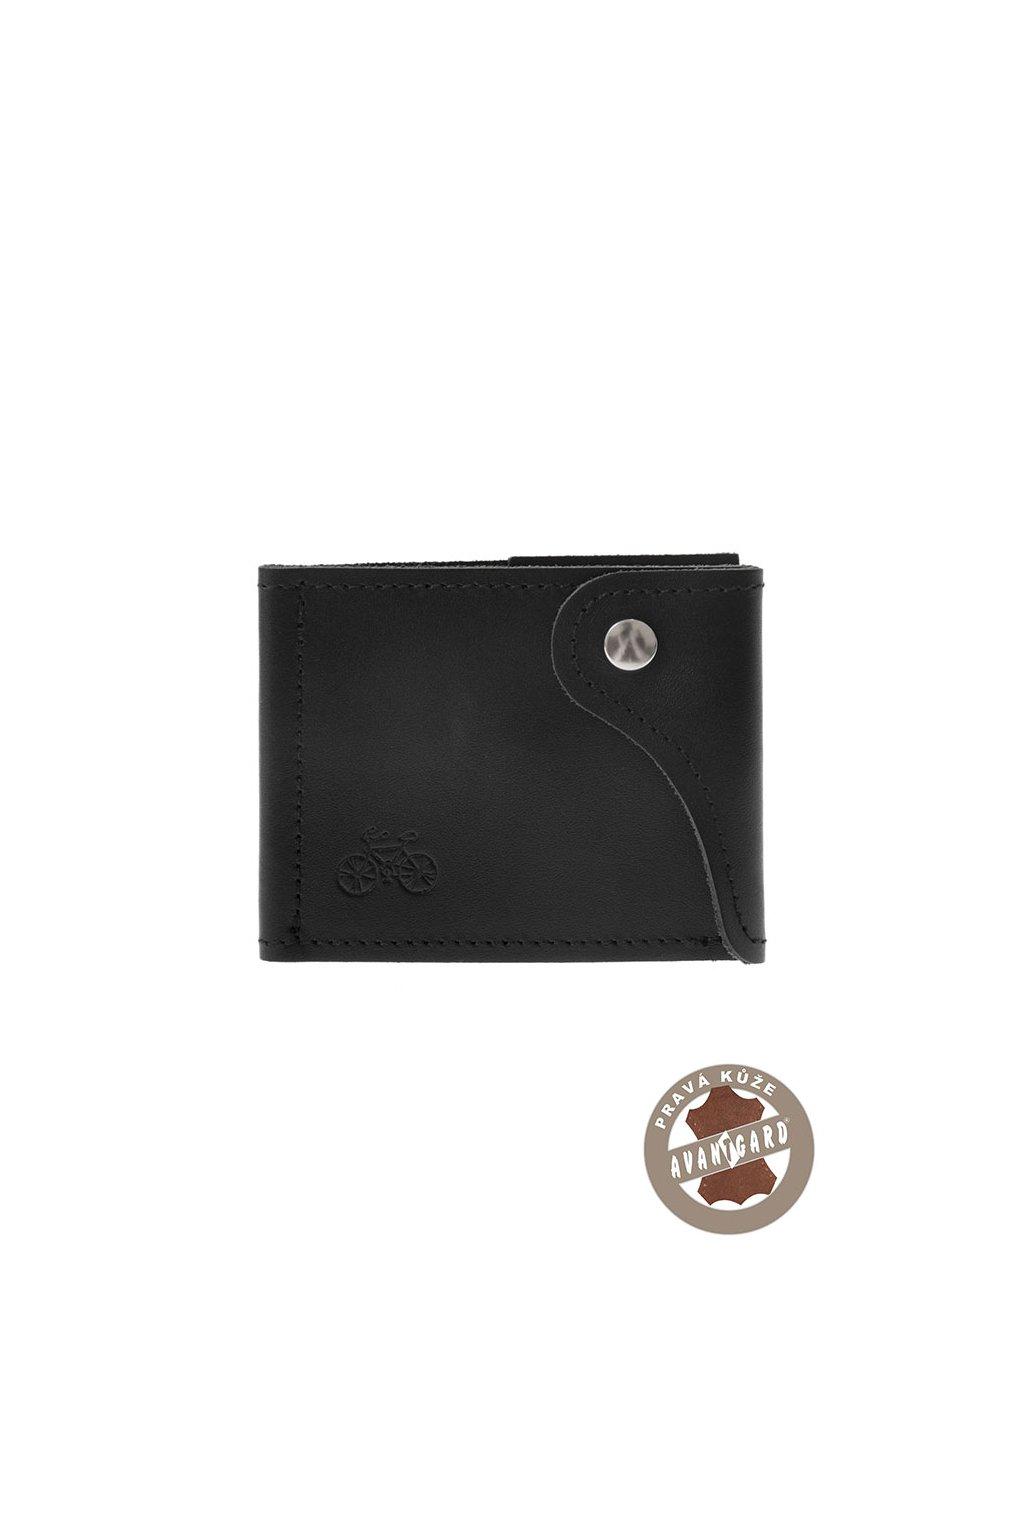 Pánská peněženka z pravé kůže, 800-232309, Černá/kolo